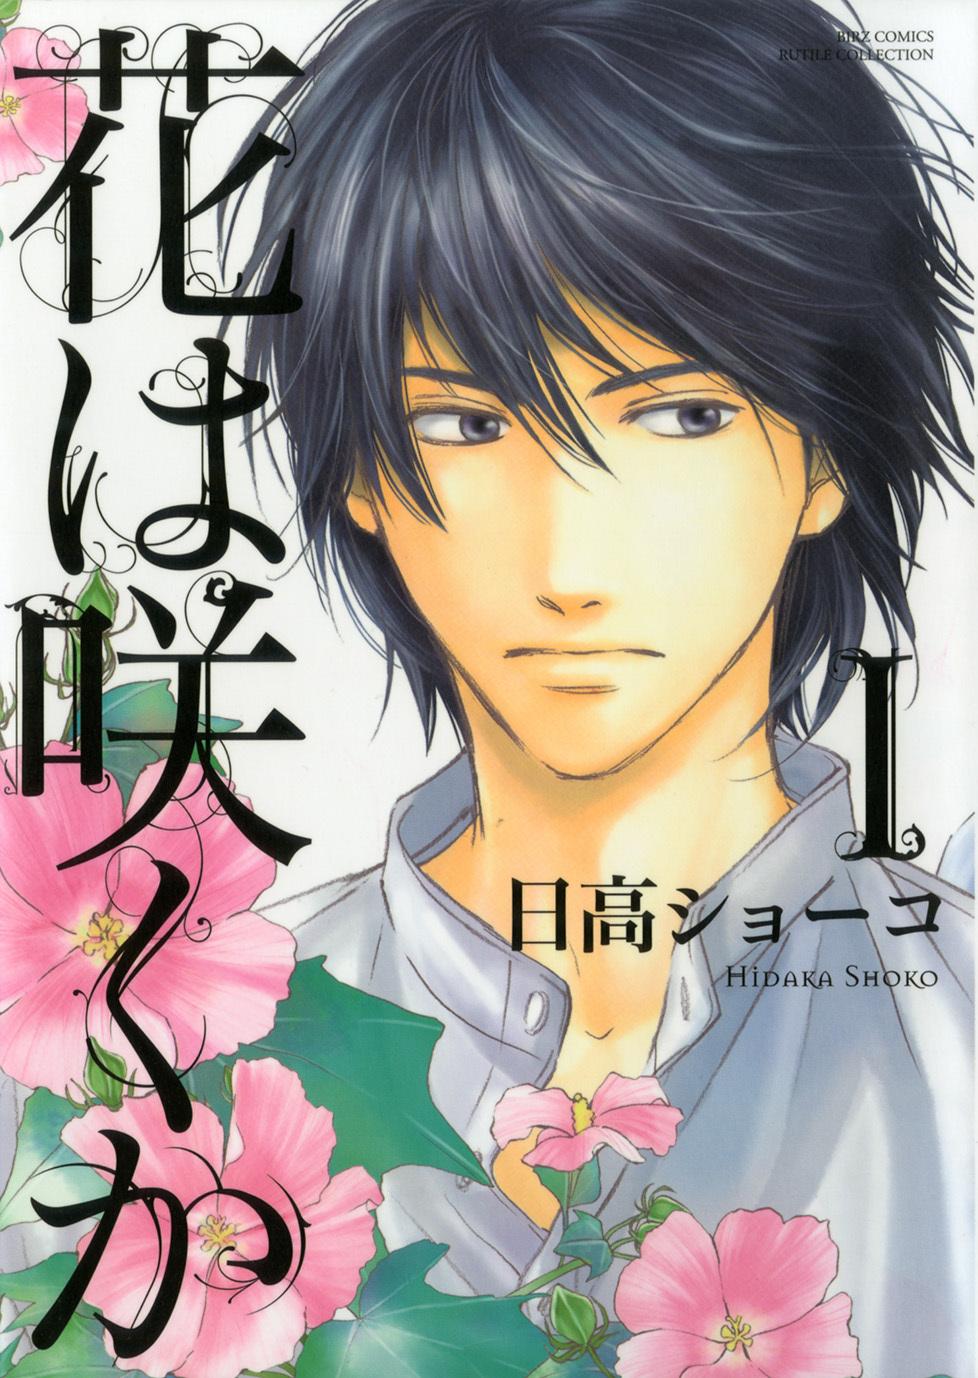 『花は咲くか』原作コミックス 1巻 (C)HIDAKA SHOKO,GENTOSHA COMICS 2009